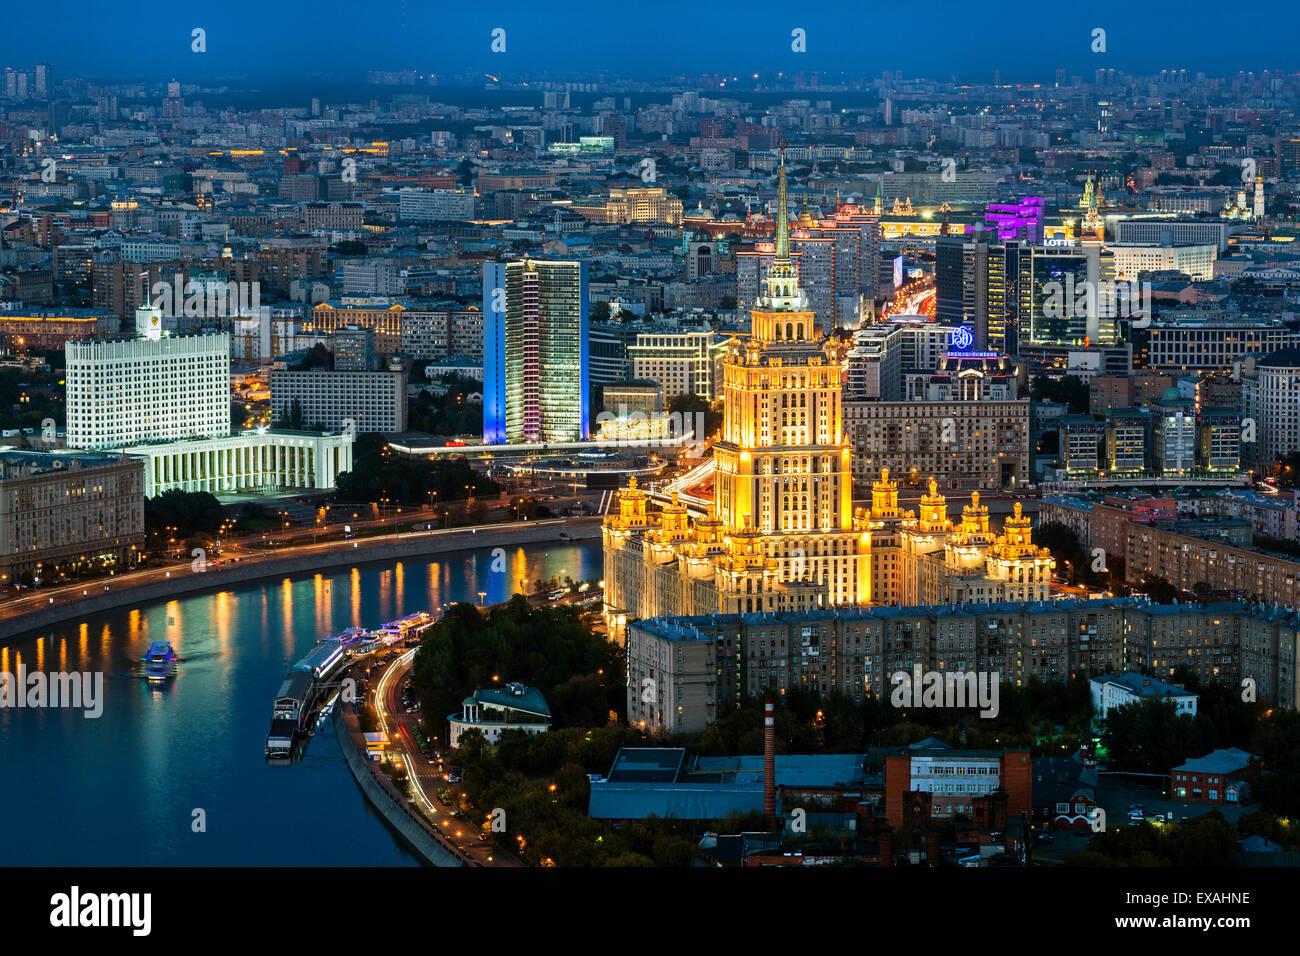 Des vues sur la rivière Moskva, l'Ukraine et la Fédération de l'hôtel Maison Blanche, Moscou, Russie, Europe Banque D'Images